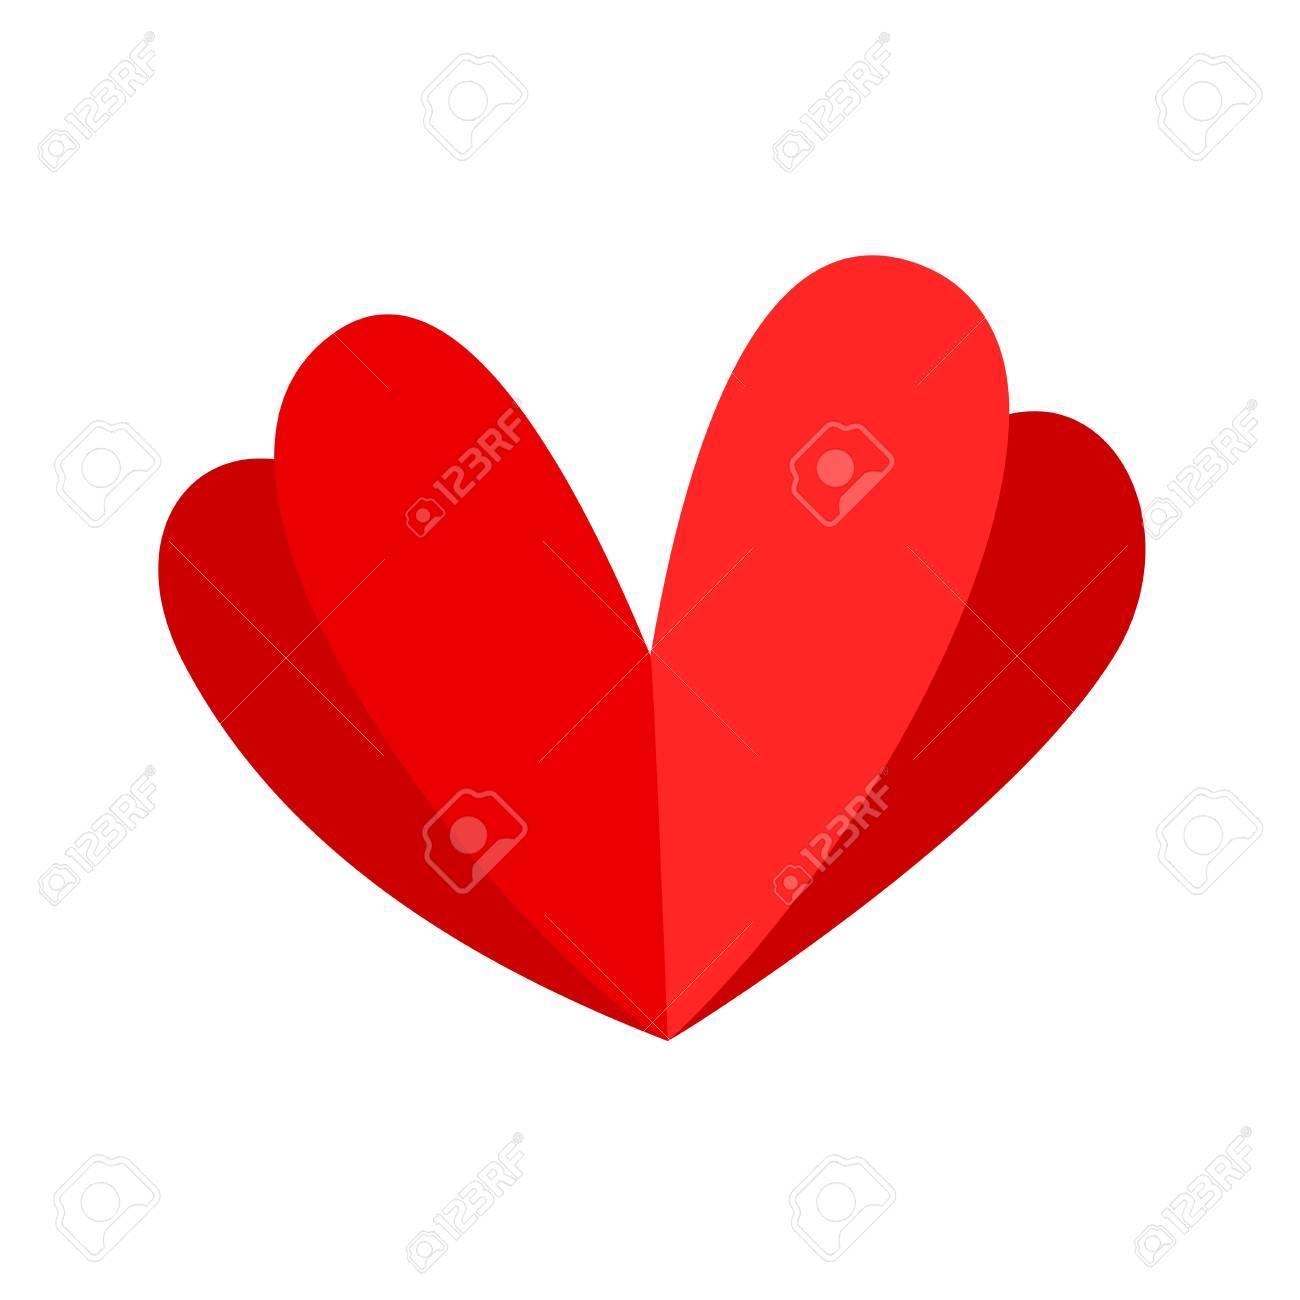 imaginative heart desgin - 126996159